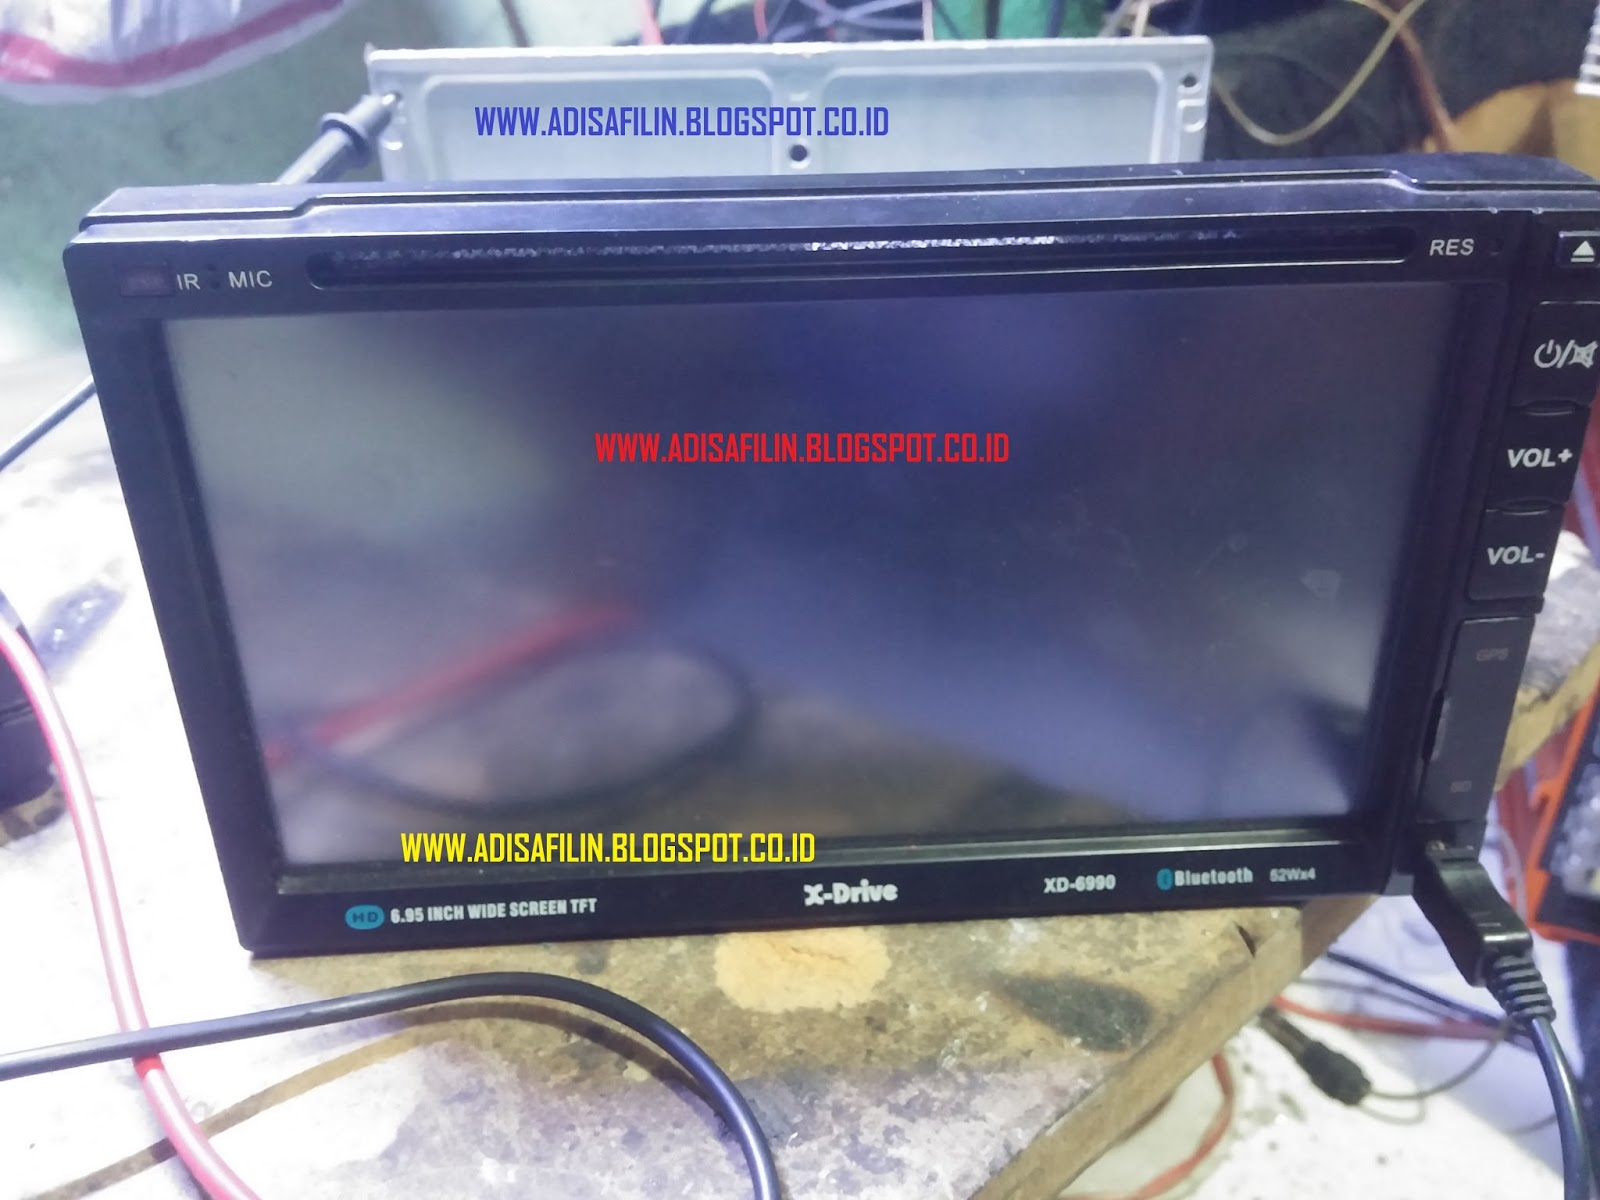 Bagaimana Cara Memperbaiki Head Unit Tape Mobil Dobel Dine Merek Ts Monitor Touchscreen Led Putih Gambar Sebelum Di Service